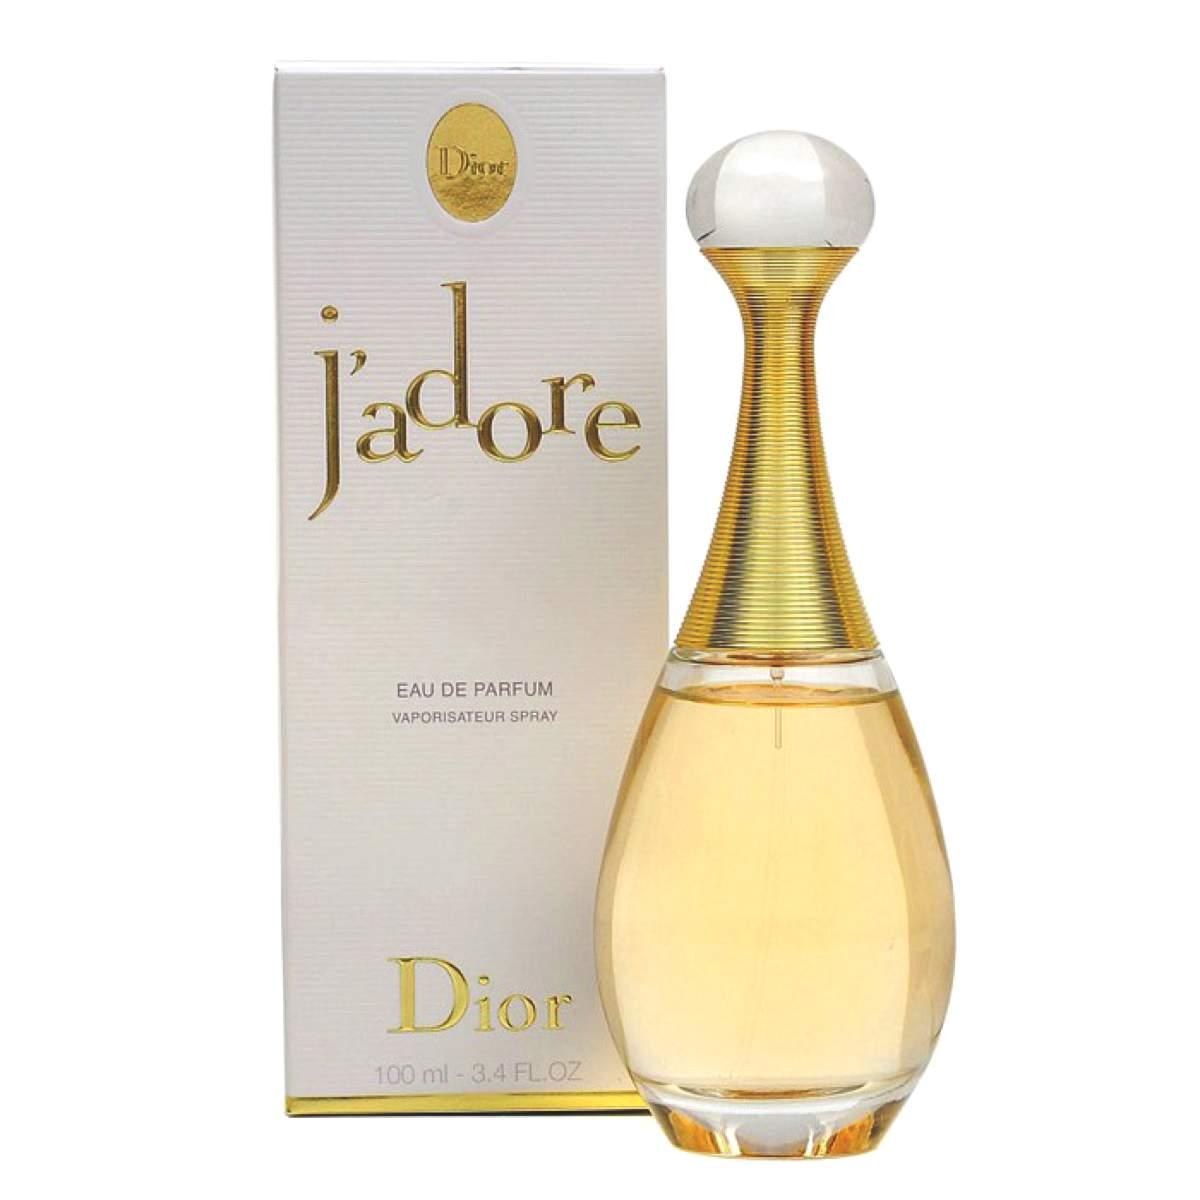 J'adore perfume, £52, The Perfume Shop